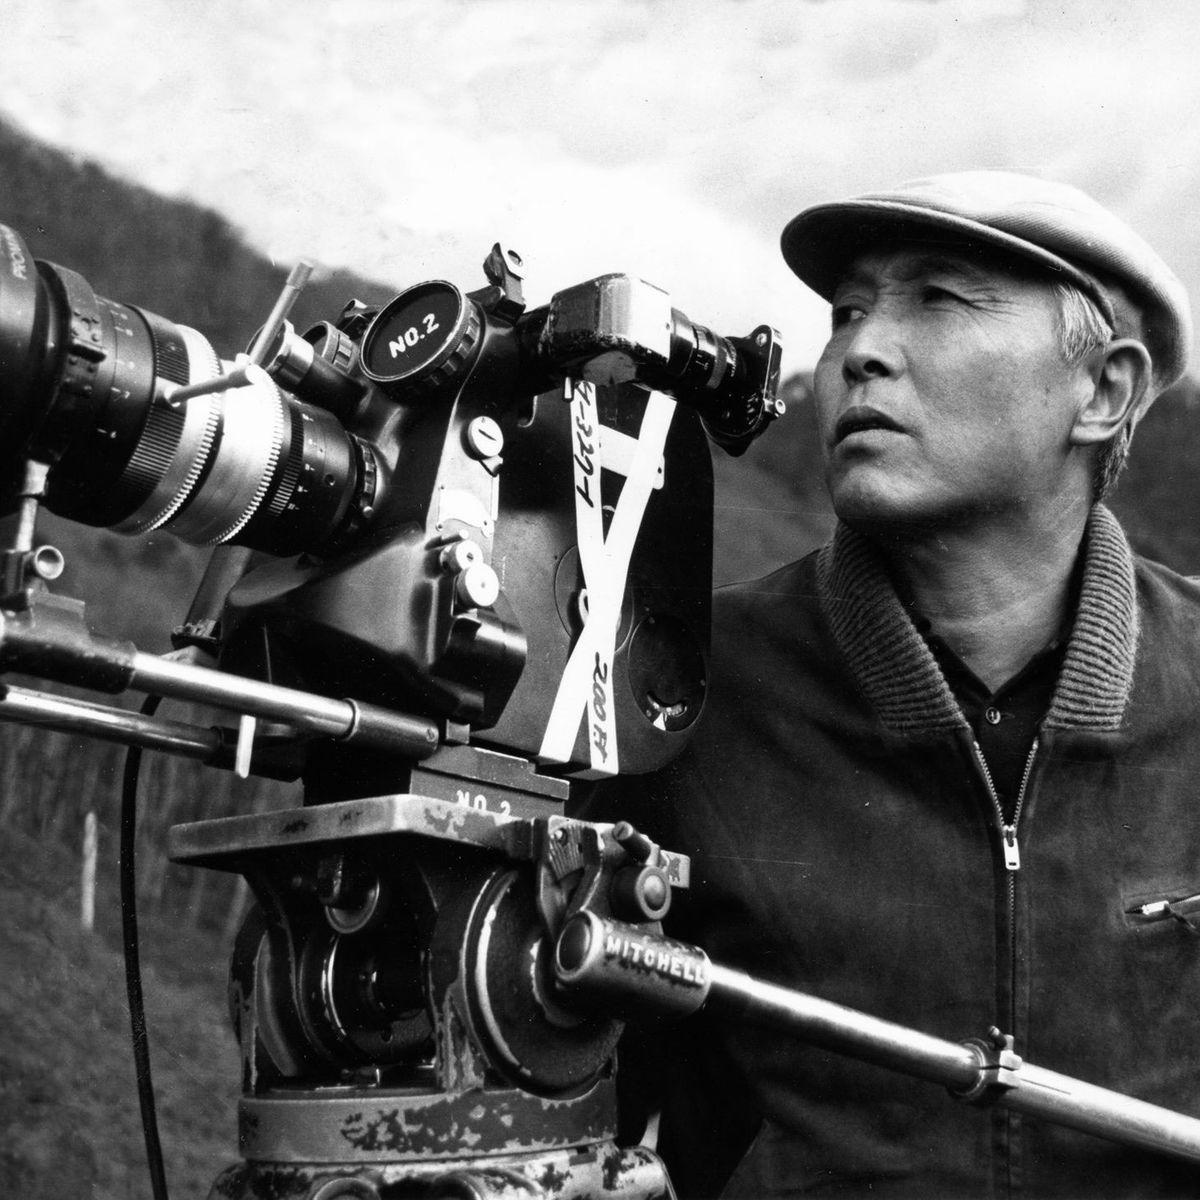 Ishiro Honda Image Courtesy Of Film Inc